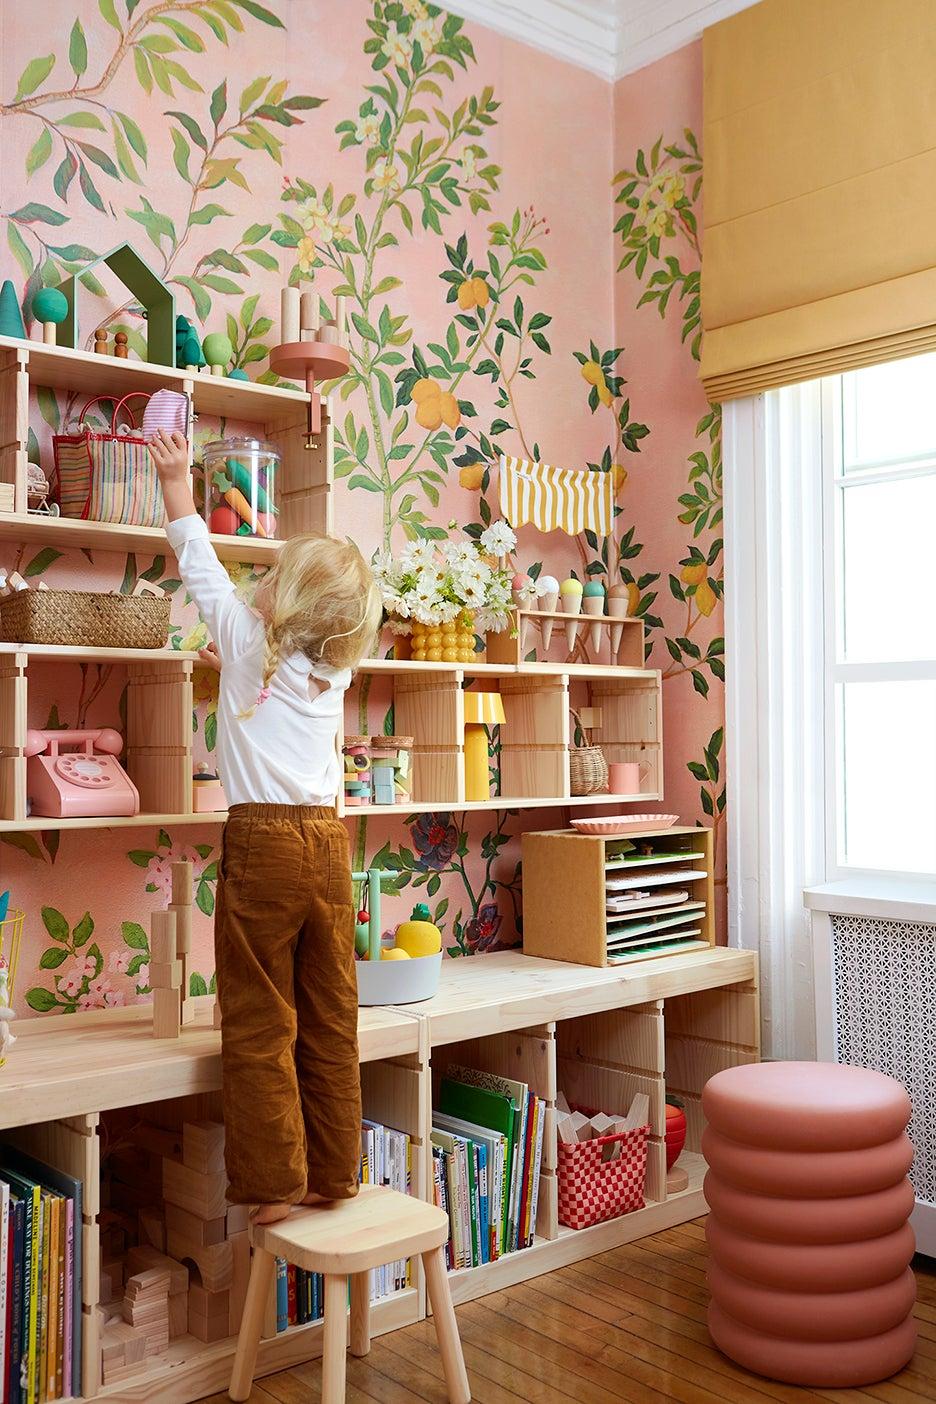 00-FEATURE-Jordan-Ferney-Daughter-DIY-Mural-Wallpaper-domino